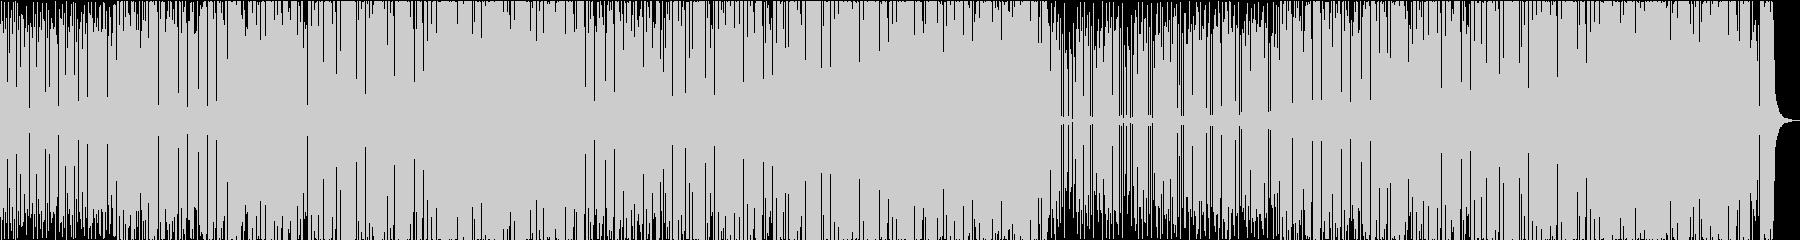 ファンク、ヒップホップの未再生の波形